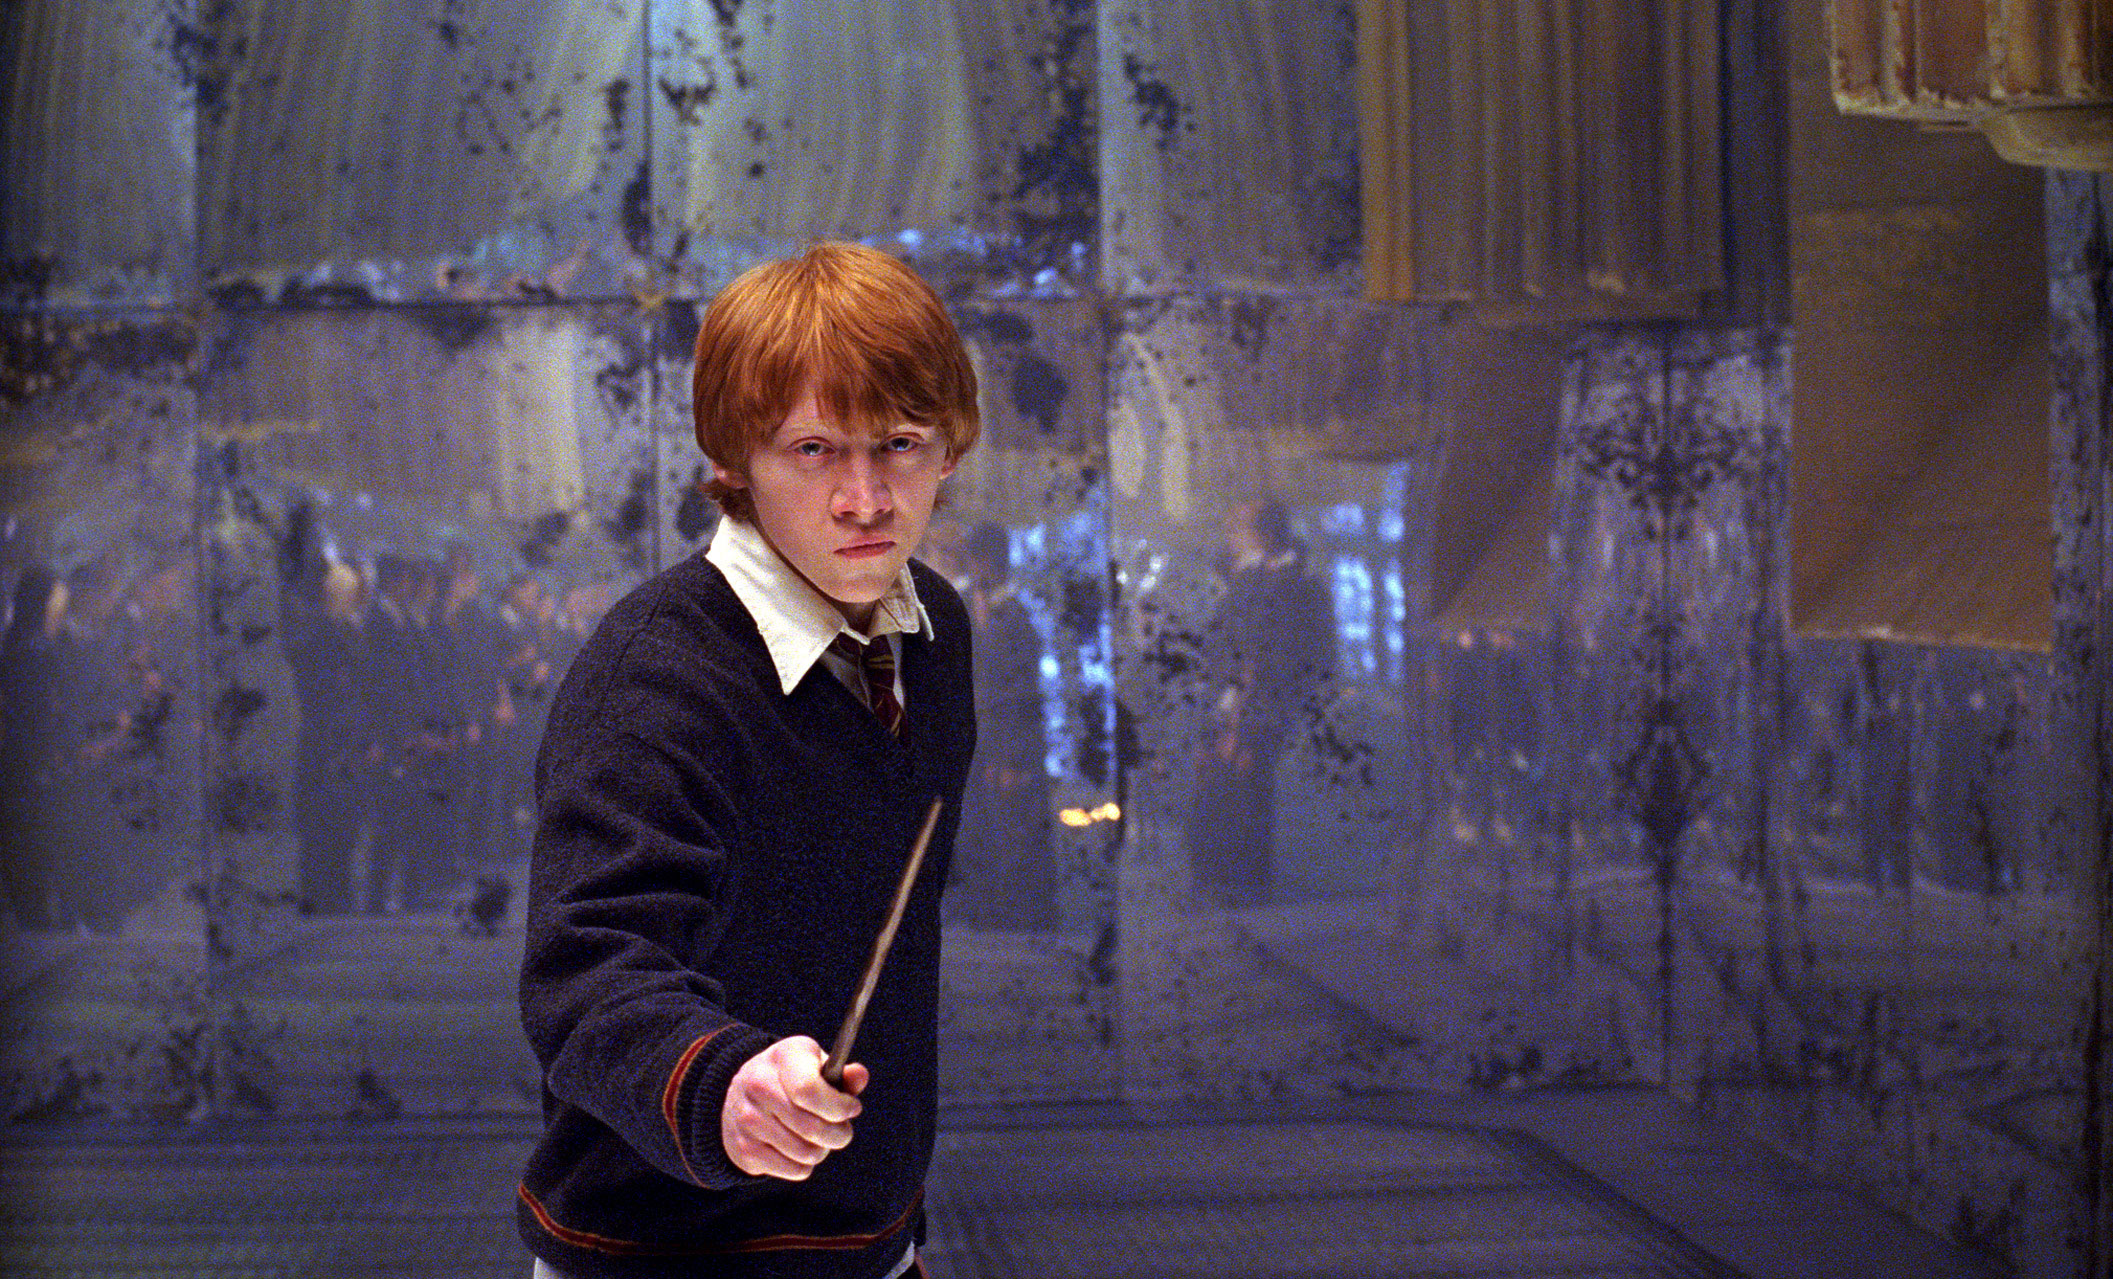 кадры из фильма Гарри Поттер и Орден Феникса Руперт Гринт,